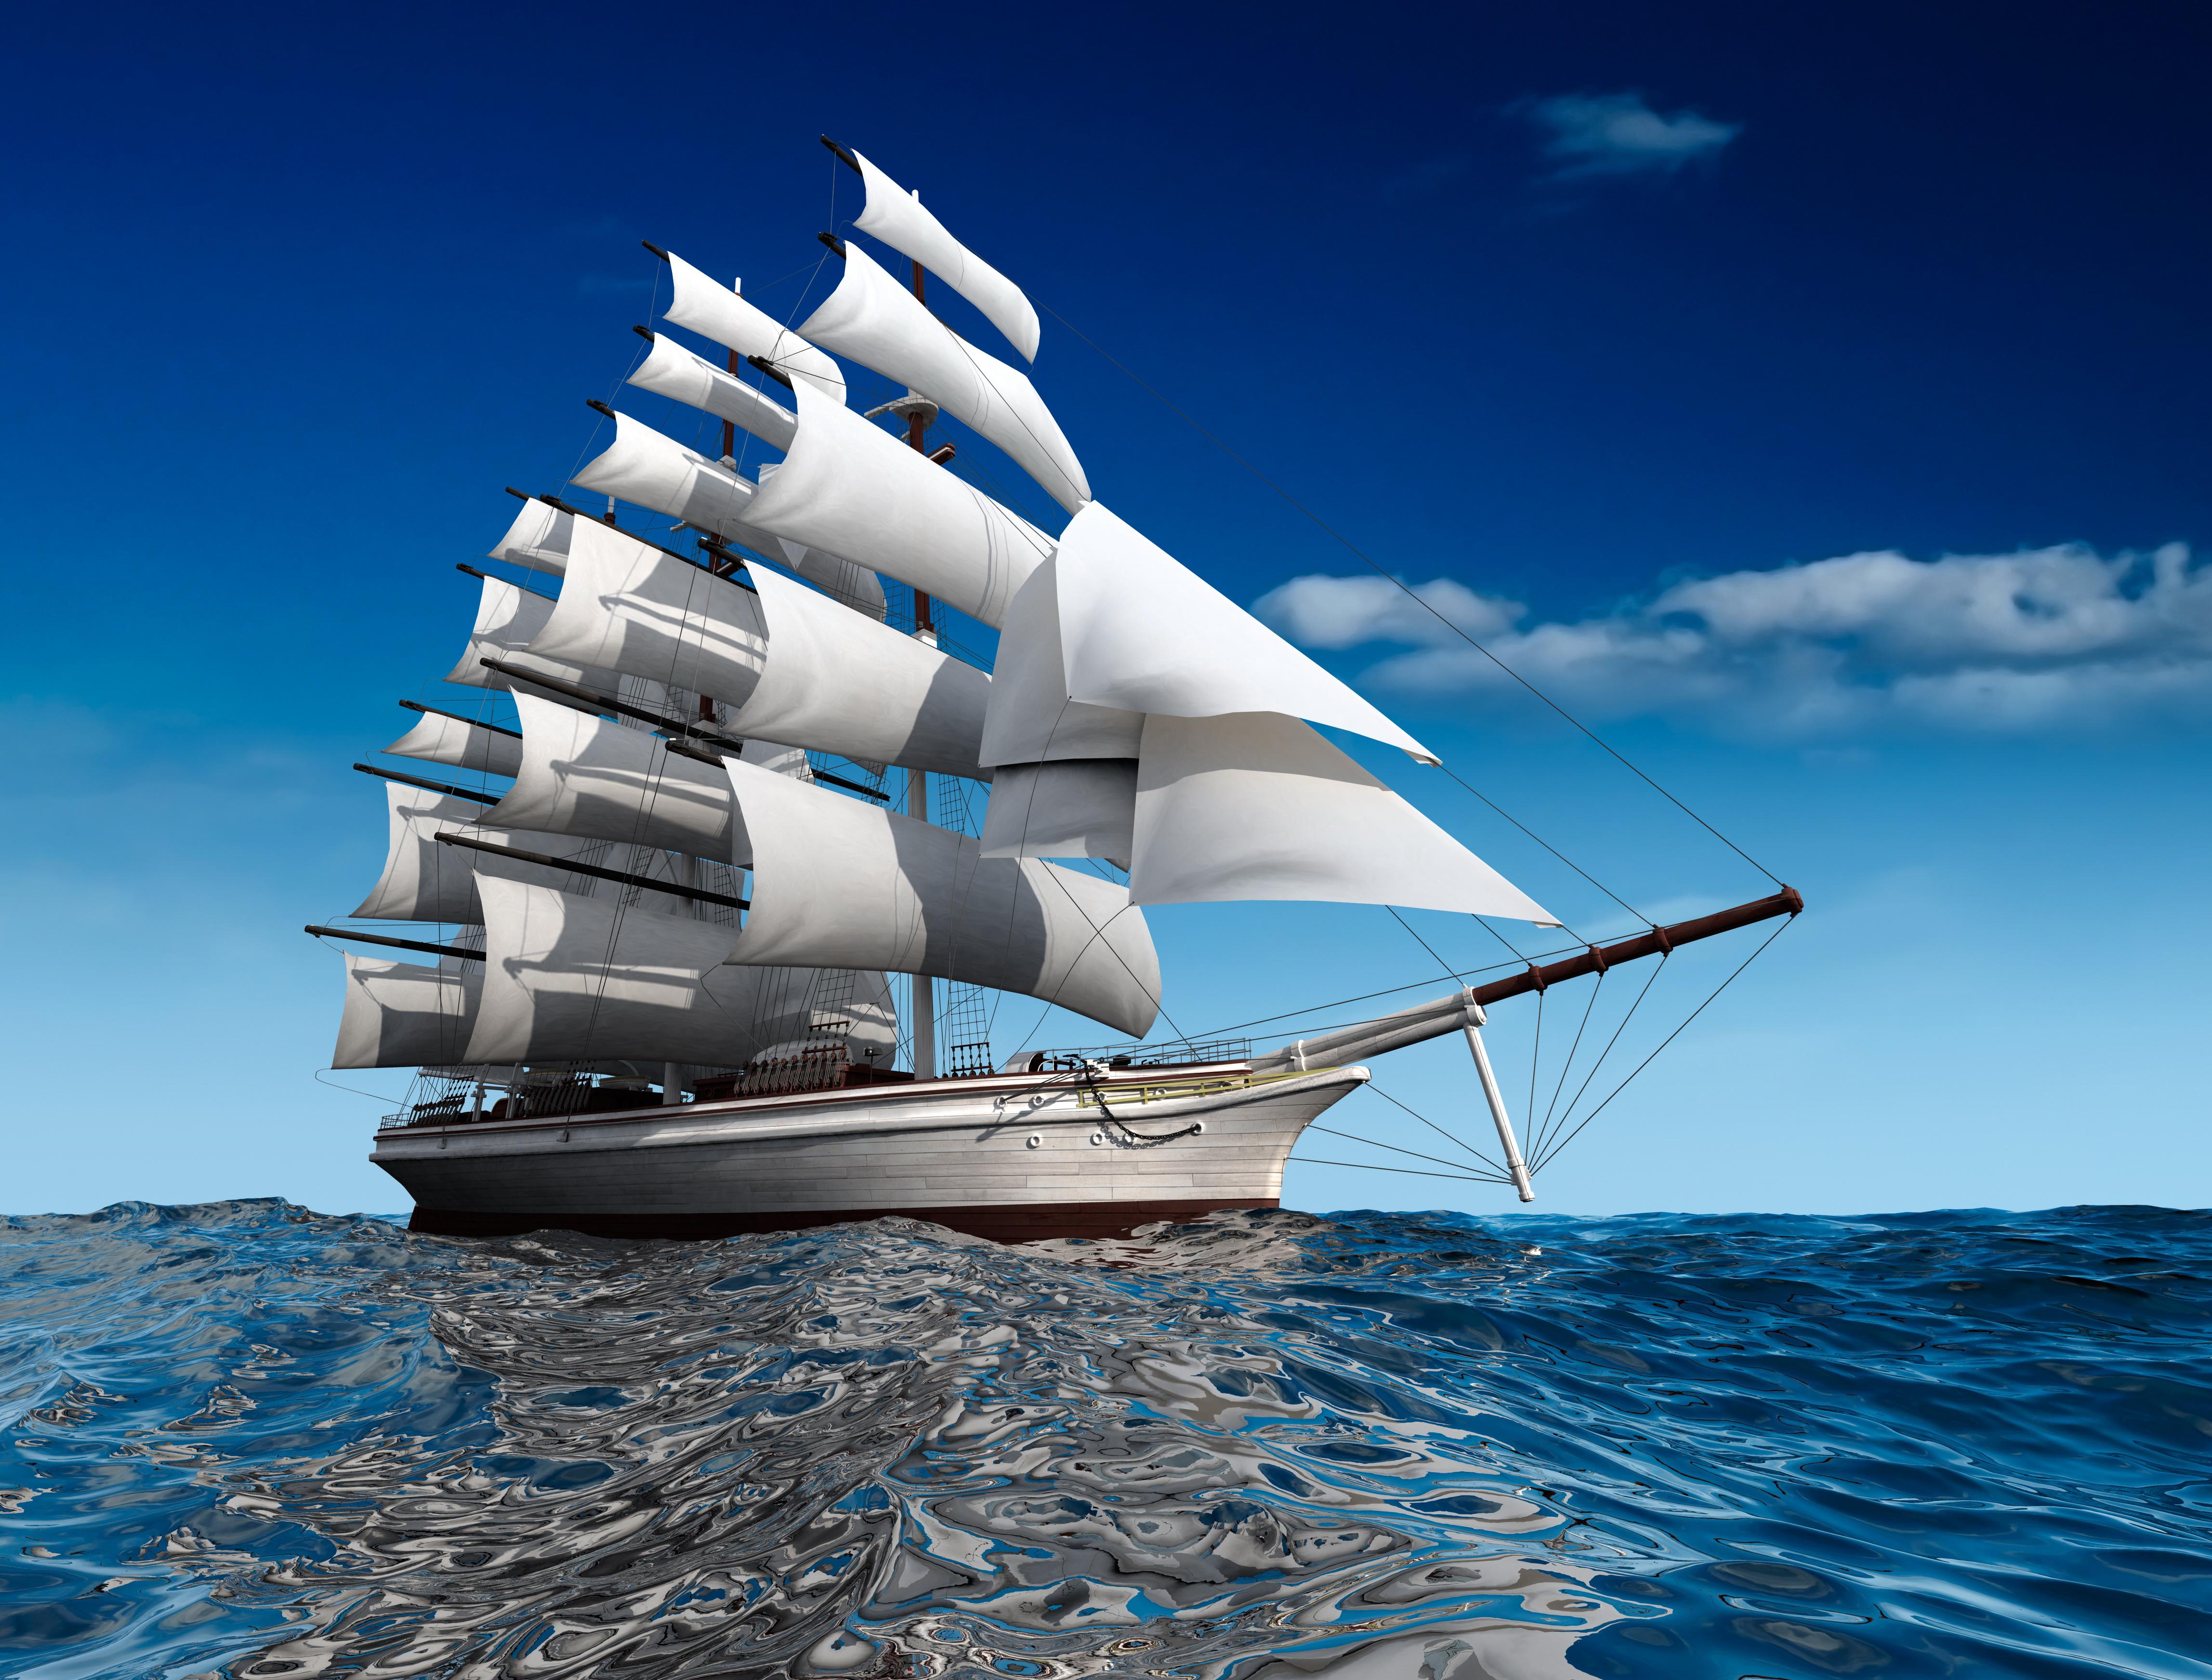 Segelschiffe auf dem meer  Meer 3D-Grafik Schiffe Segeln 4592x3487